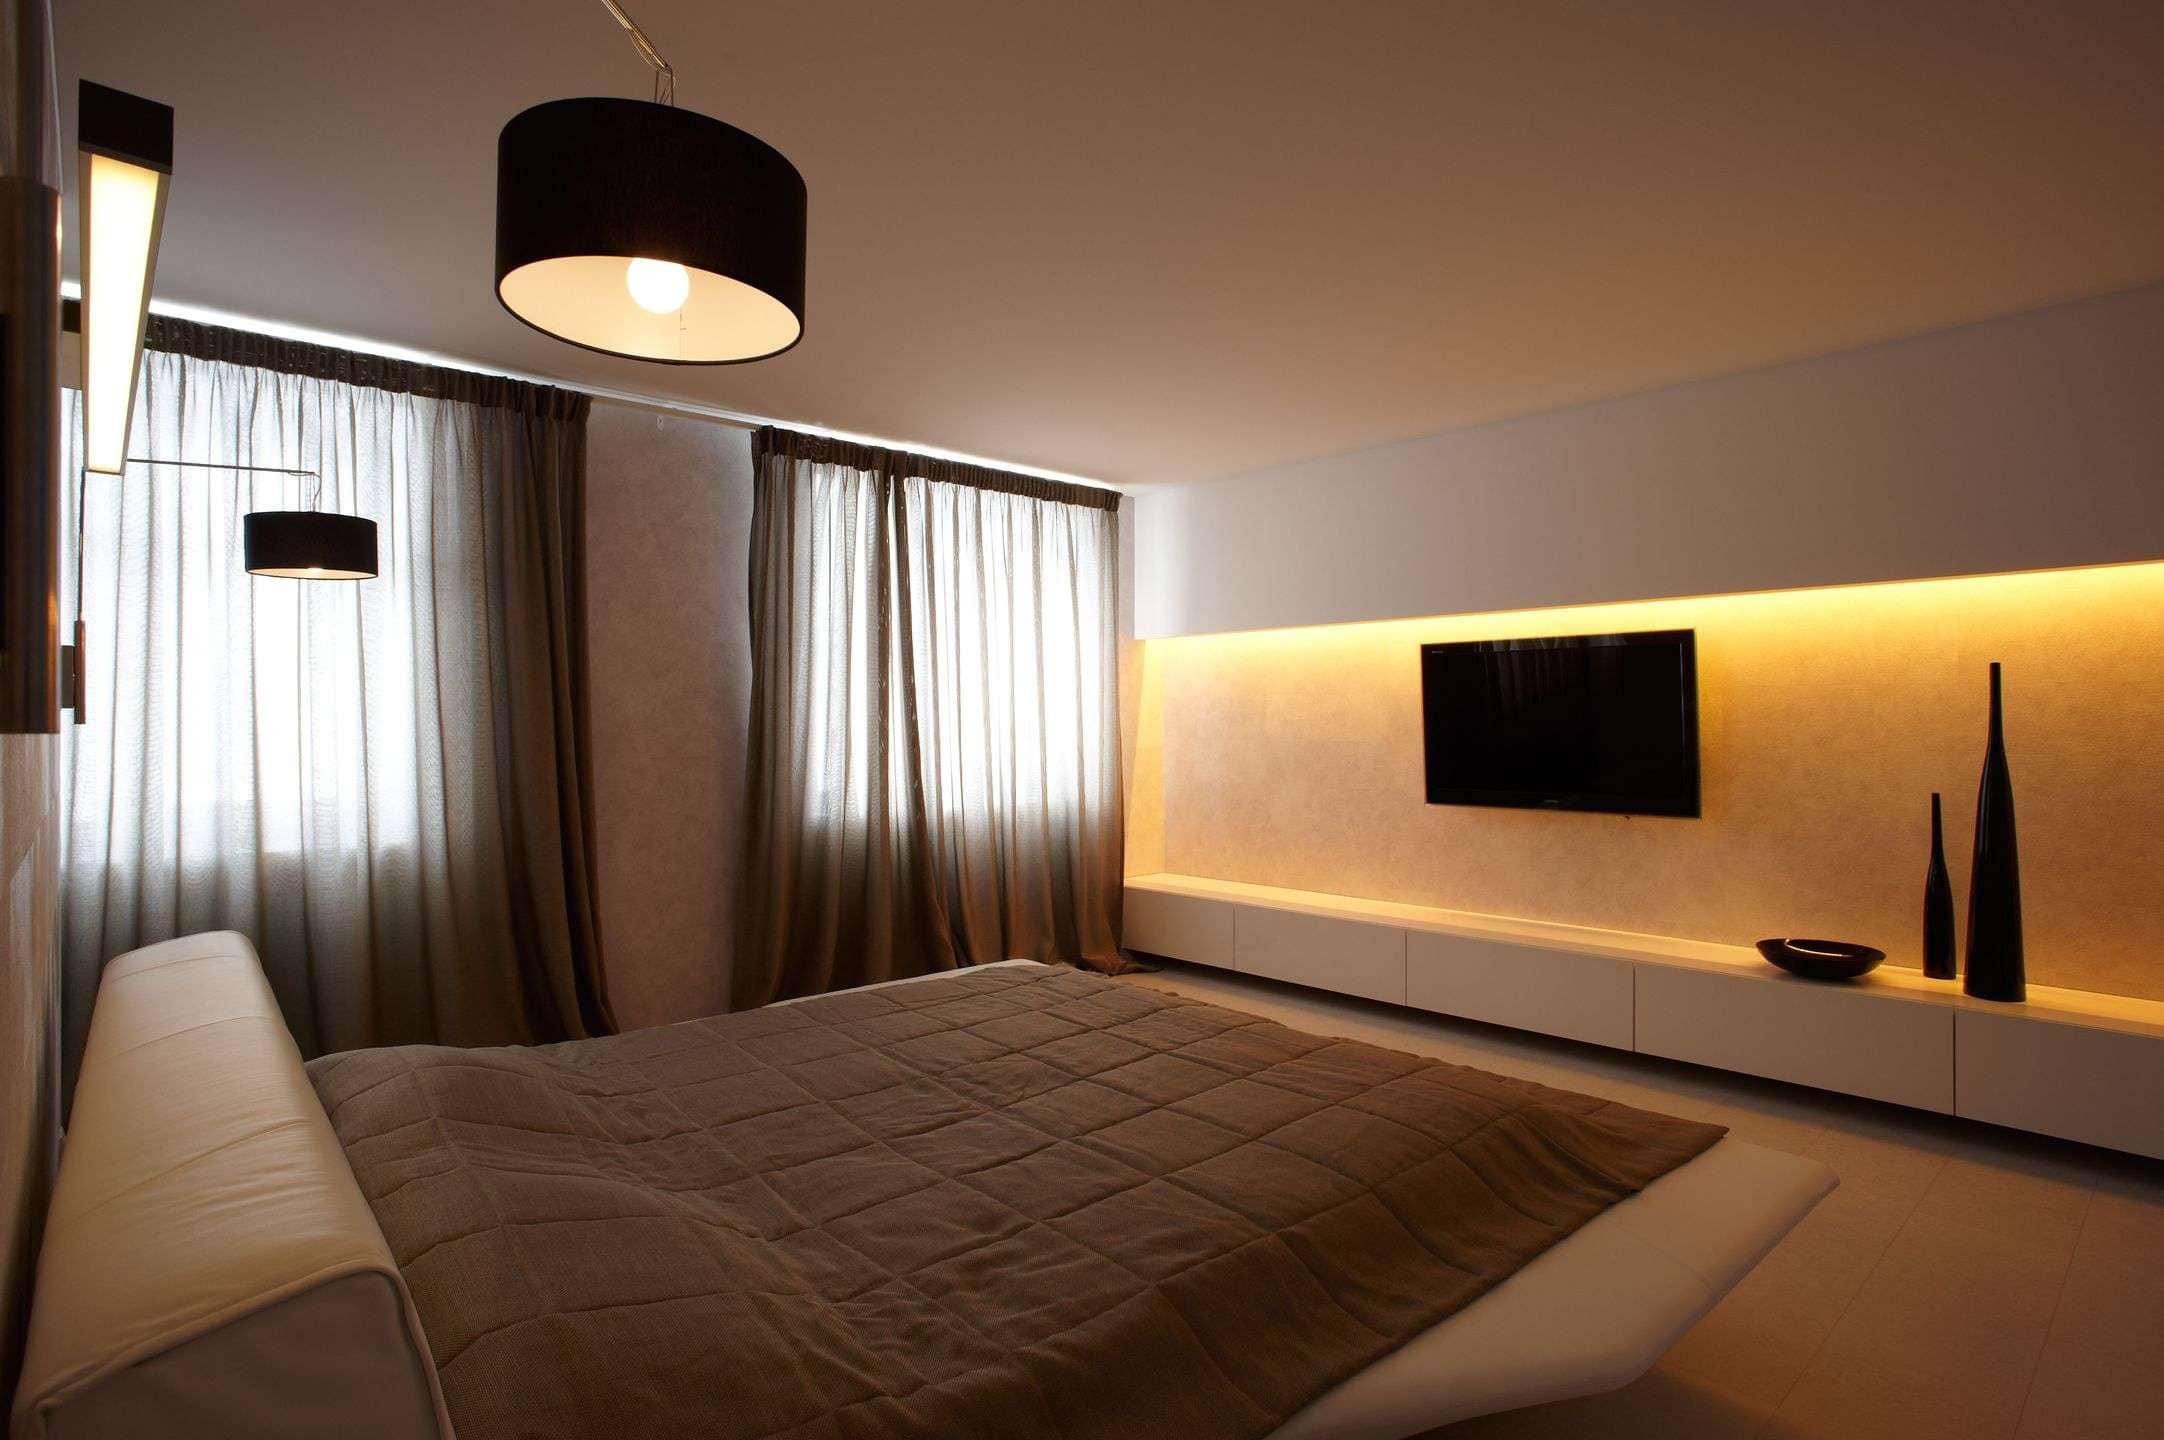 спальня в стиле минимализм дизайн